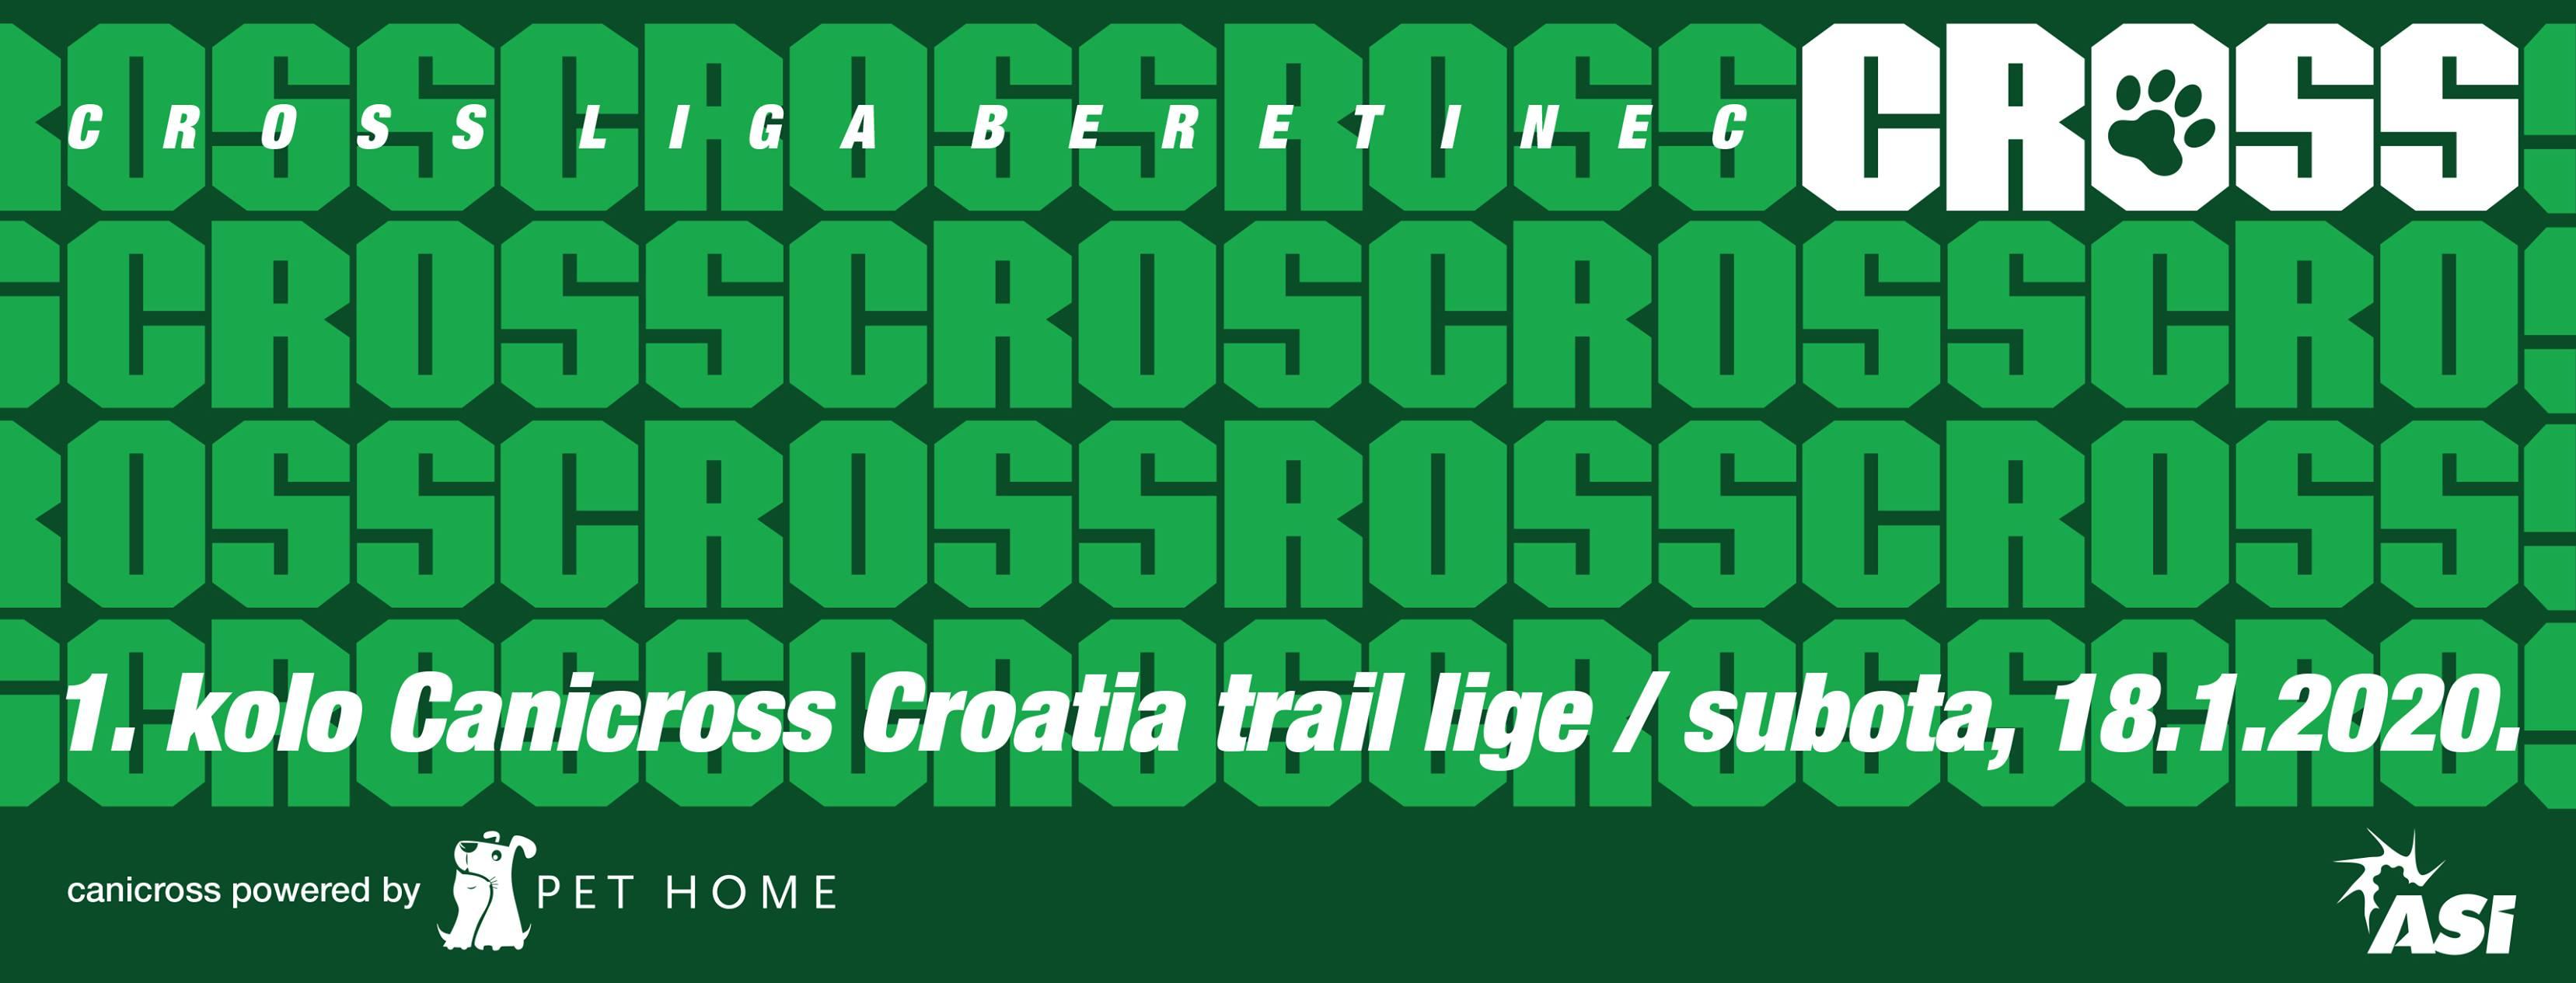 2. Prins Canicross Croatia trail liga – 1. kolo